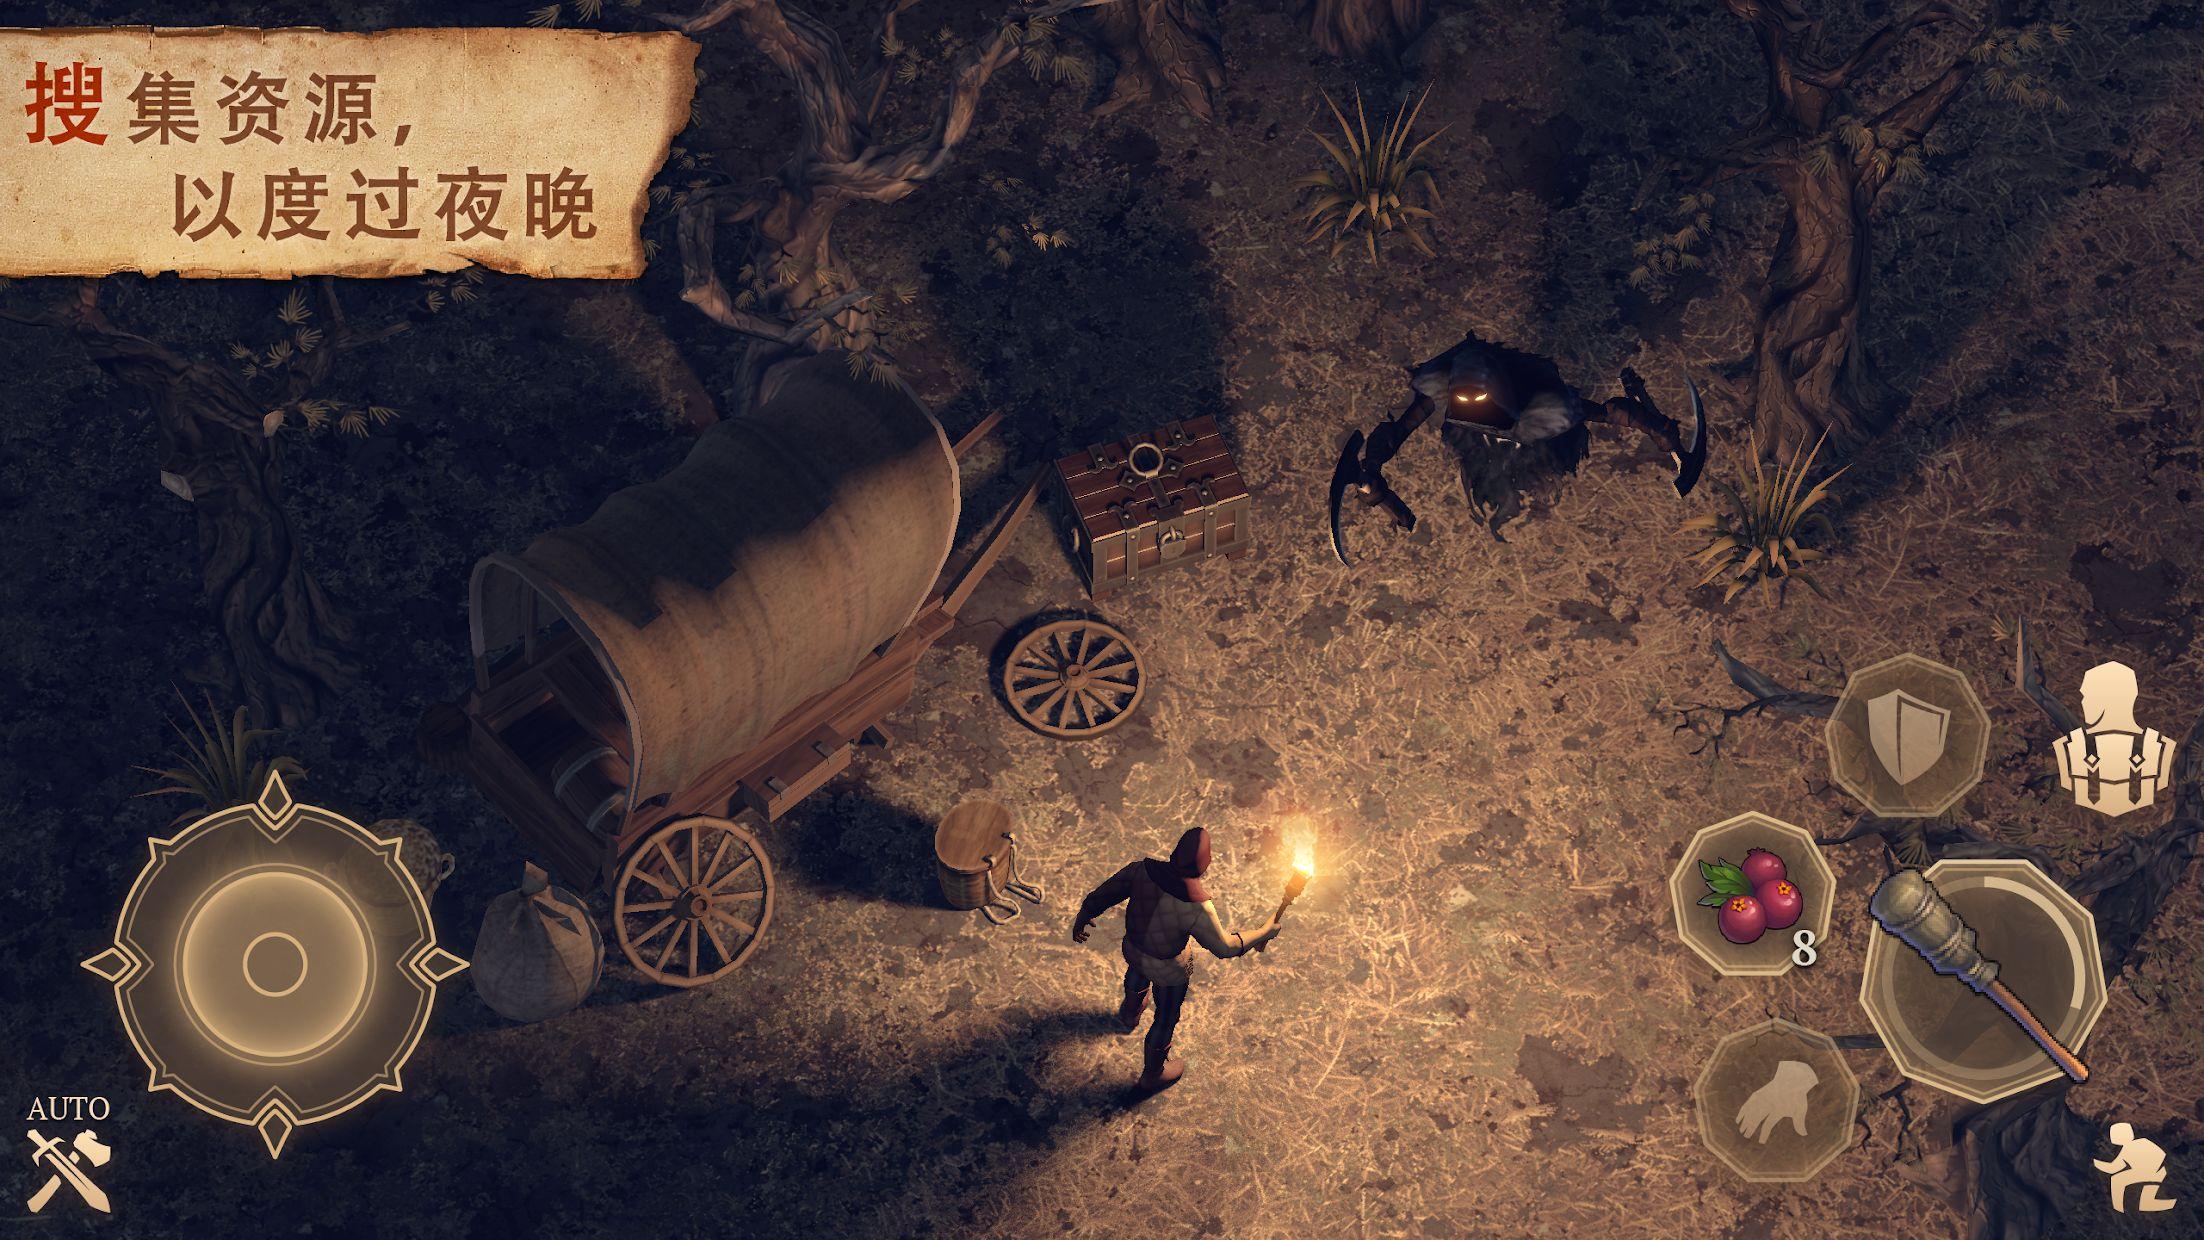 打开冷酷灵魂:黑暗幻想生存游戏提示网络异常或者连接不上